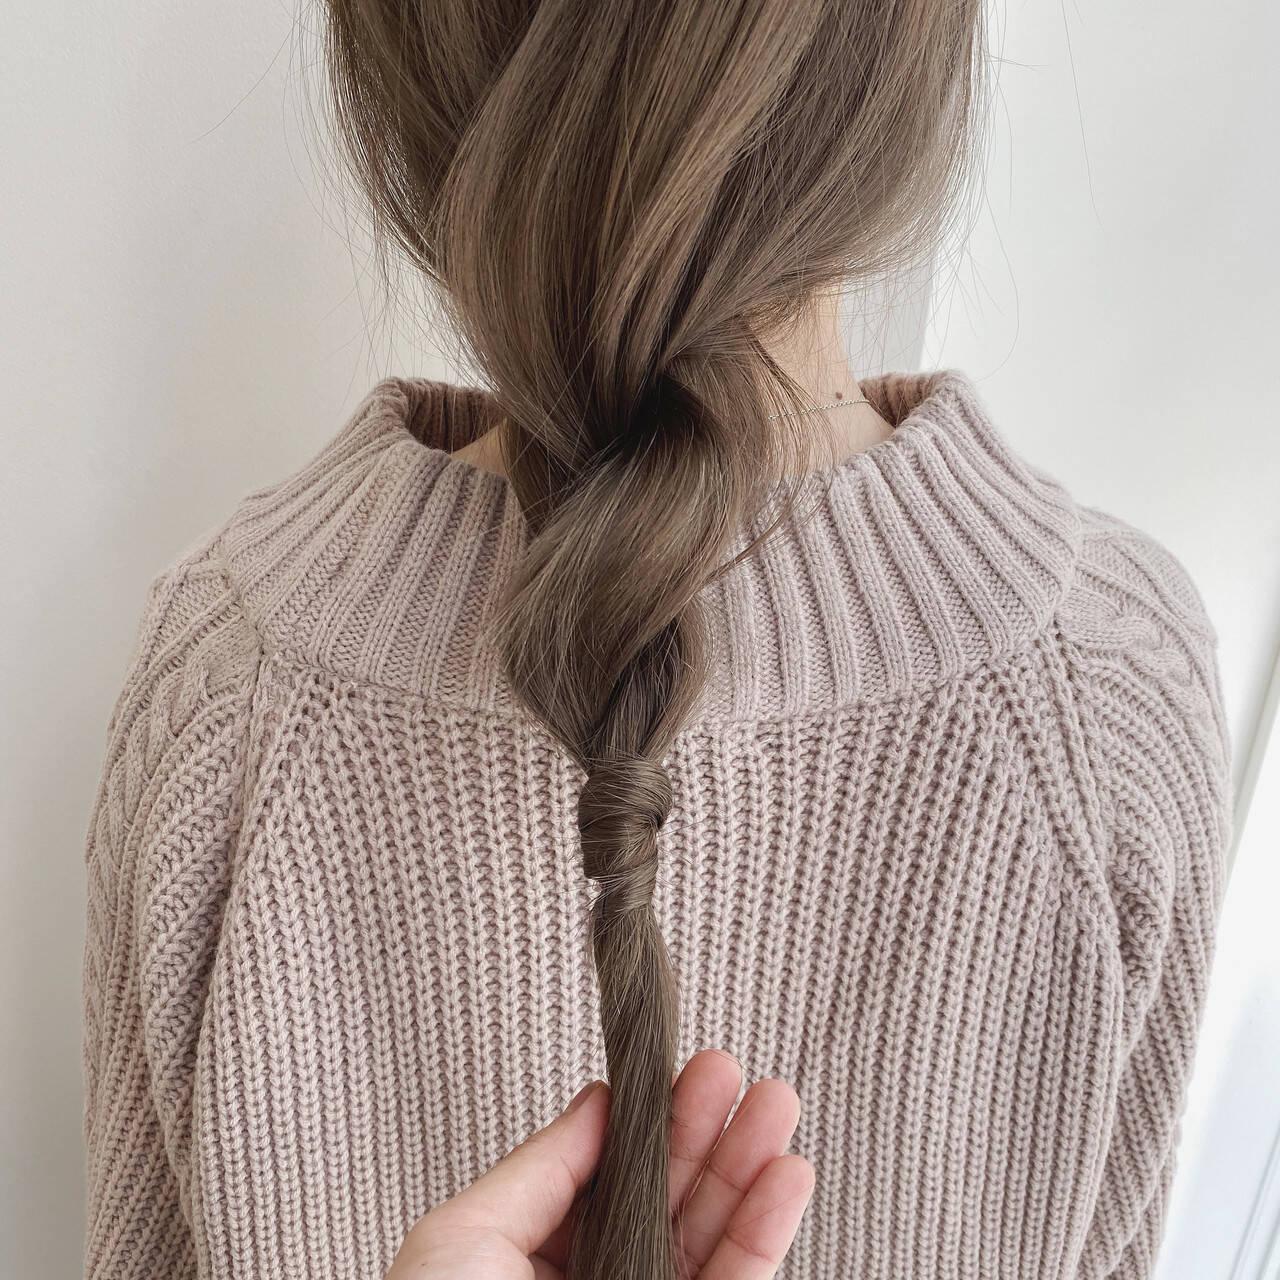 シアーベージュ ヘアアレンジ ナチュラル ナチュラルベージュヘアスタイルや髪型の写真・画像